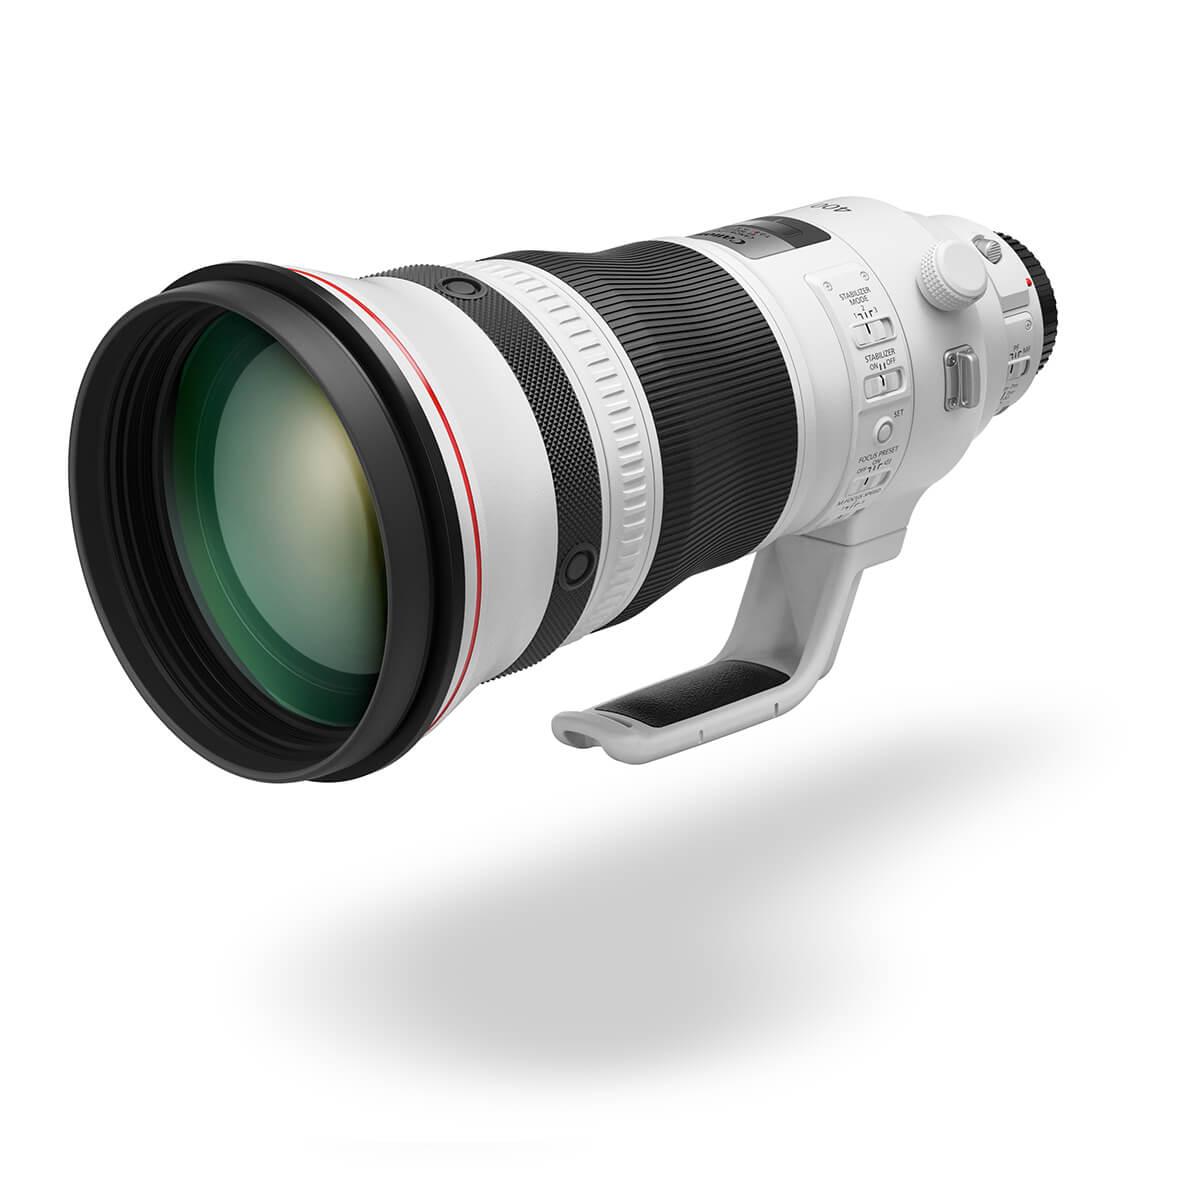 EF-M 55-200mm f/4.5-6.3 IS STM lens